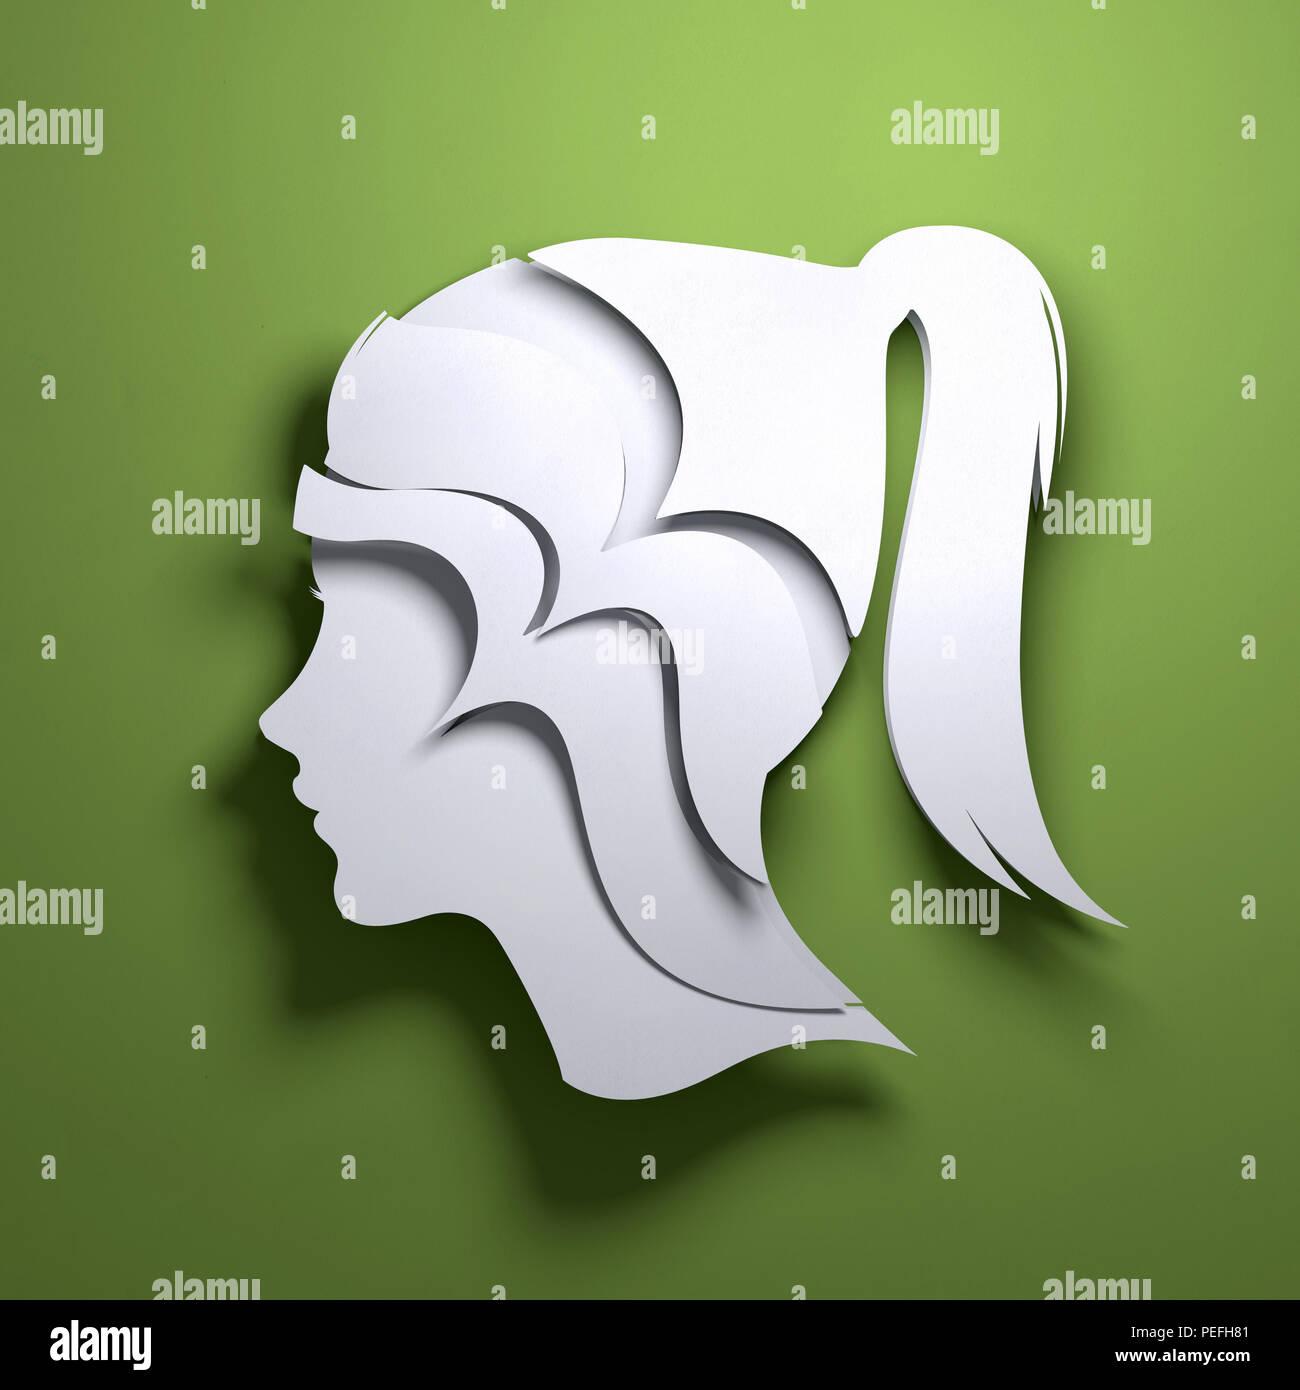 Arte en papel plegado origami. La silueta de una persona en la cabeza. Mindfulness conceptual ilustración 3D. Imagen De Stock